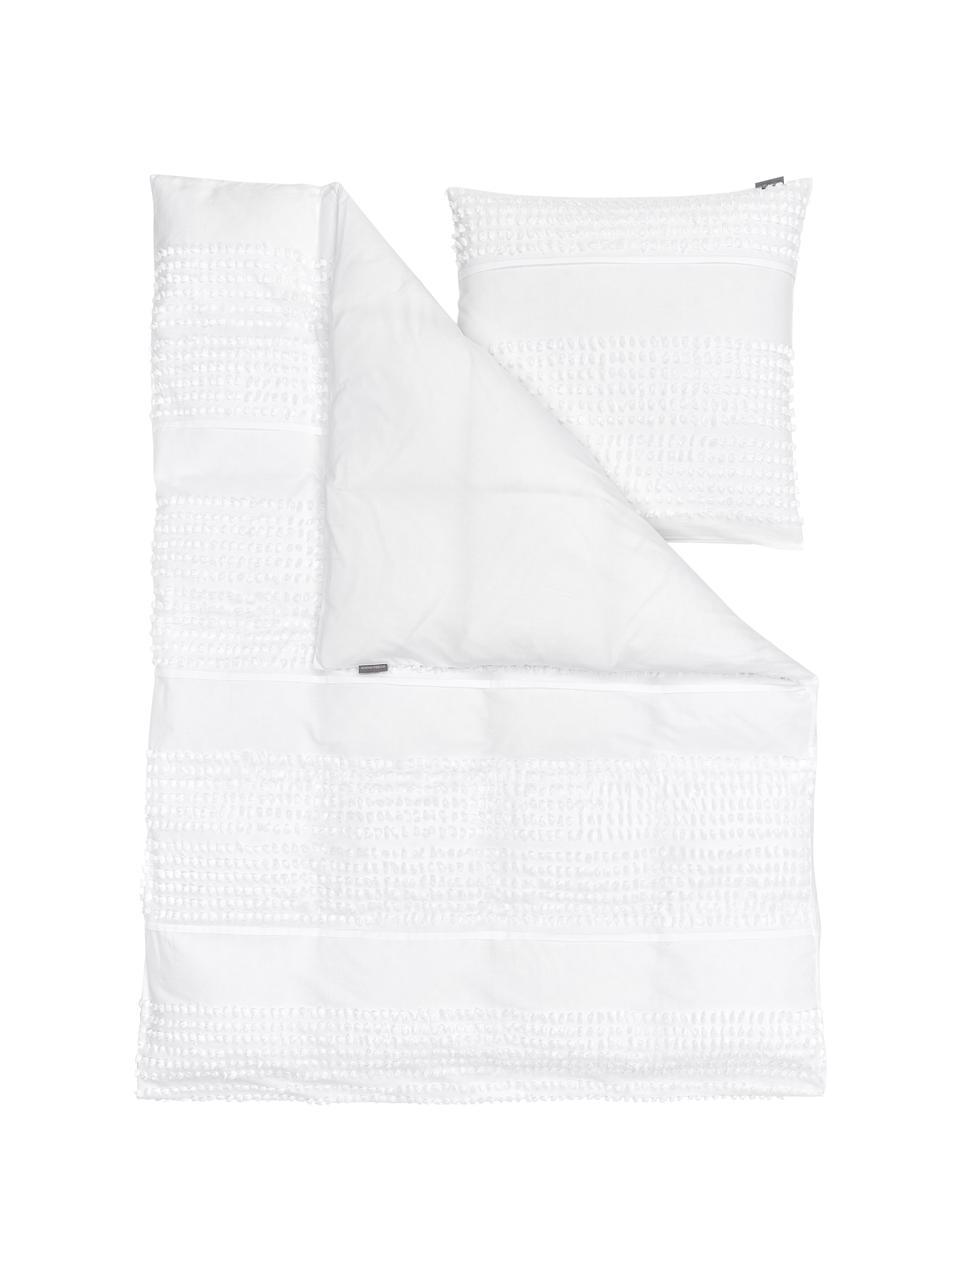 Baumwoll-Bettwäsche Endure mit getufteter Verzierung, 100% Baumwolle  Fadendichte 144 TC, Standard Qualität  Bettwäsche aus Baumwolle fühlt sich auf der Haut angenehm weich an, nimmt Feuchtigkeit gut auf und eignet sich für Allergiker, Weiß, 155 x 220 cm + 1 Kissen 80 x 80 cm